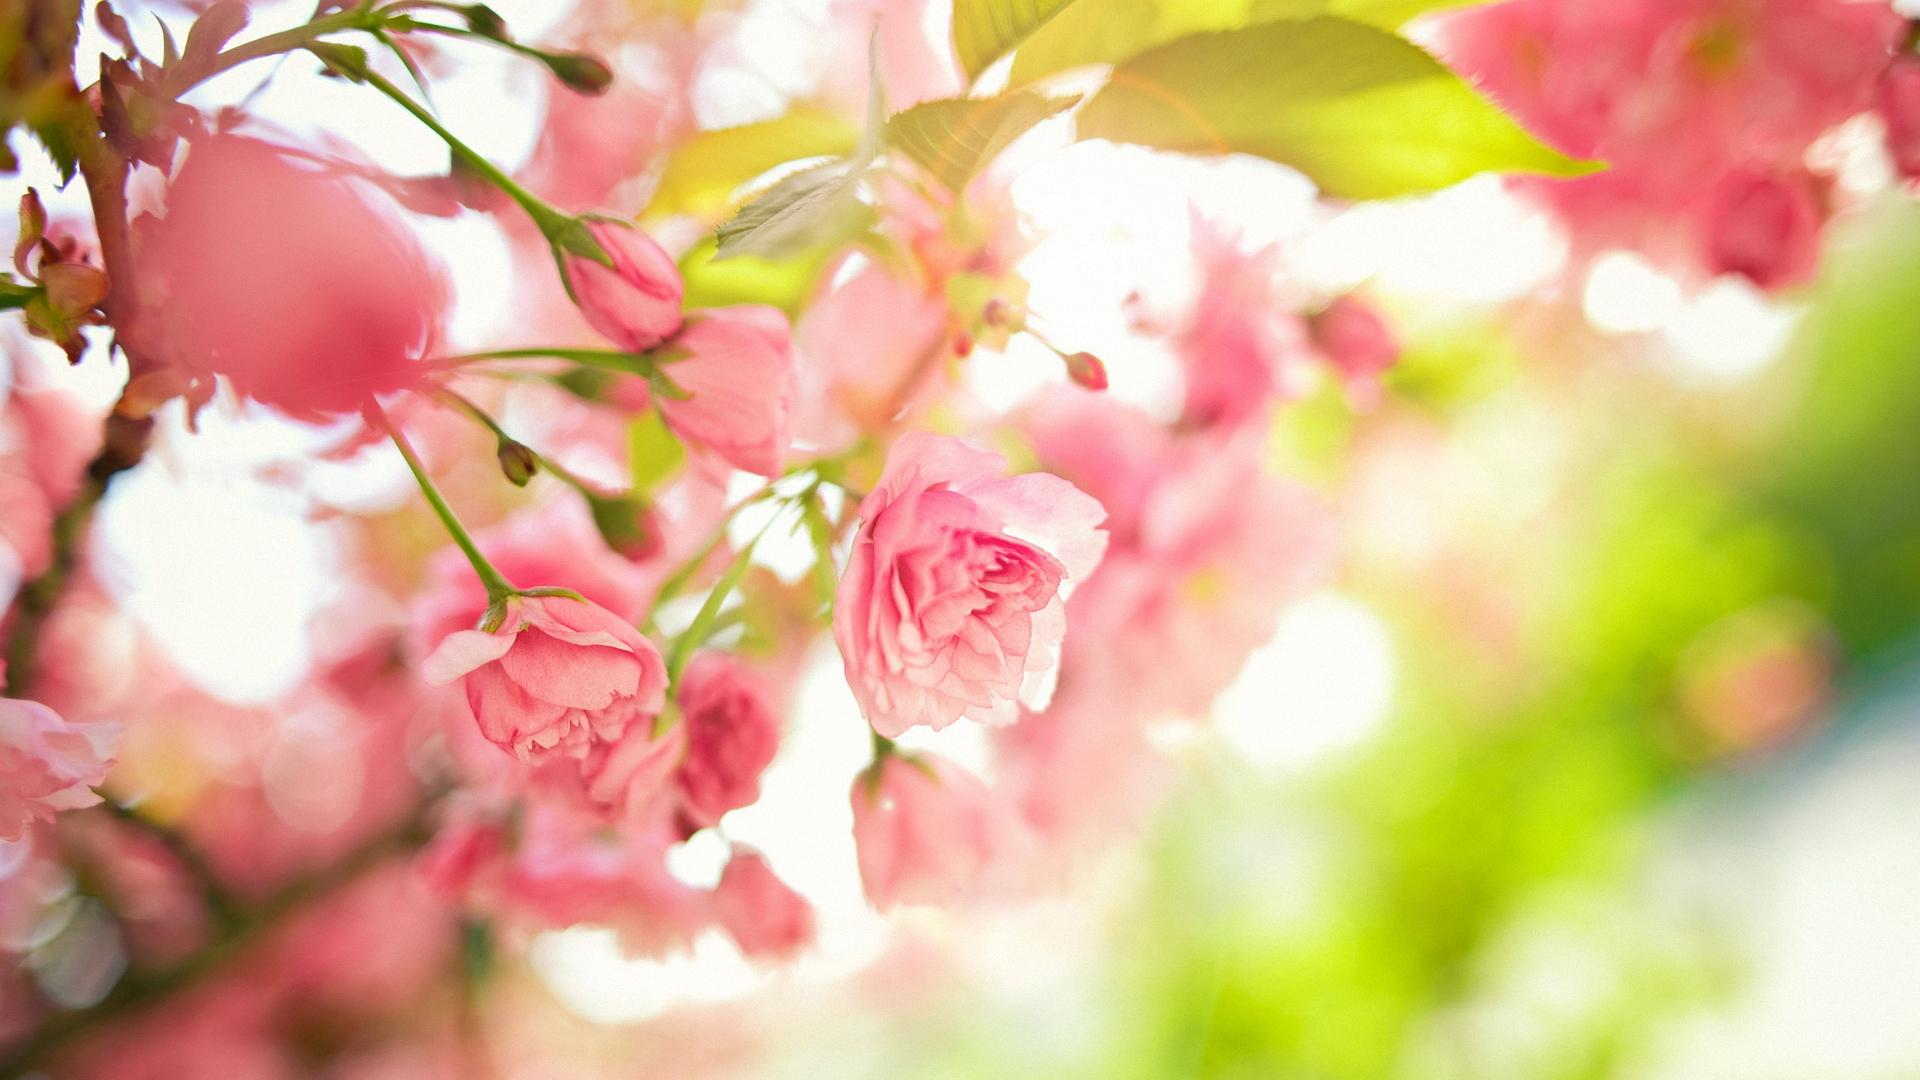 обои на рабочий стол wallpapers цветы № 644857 загрузить